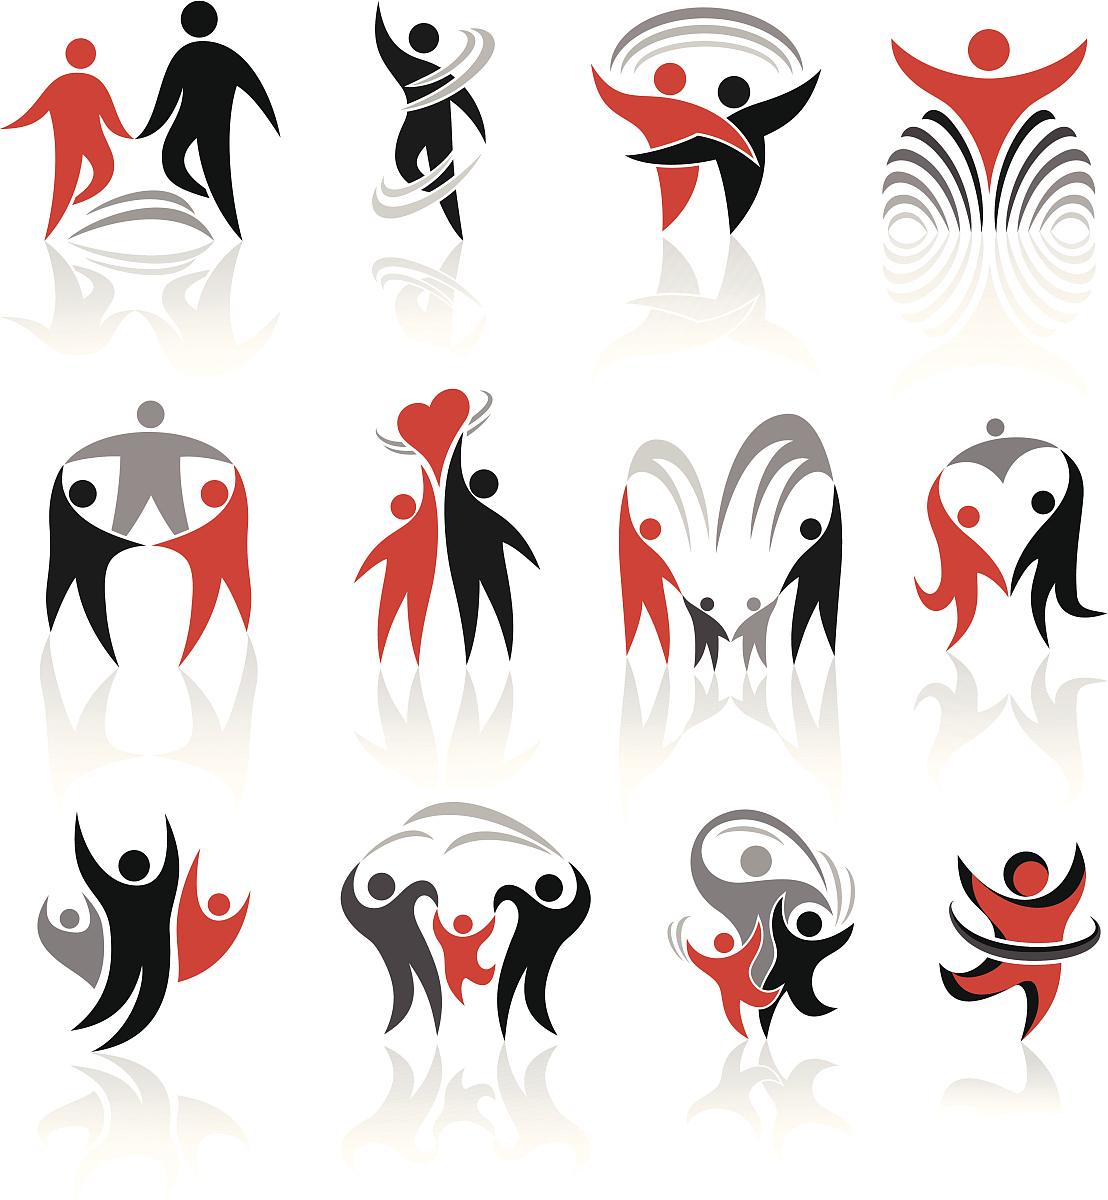 灵感,关爱,团队,人,活动,概念,活力,行动,关爱,爱,符号,标志,团队图片